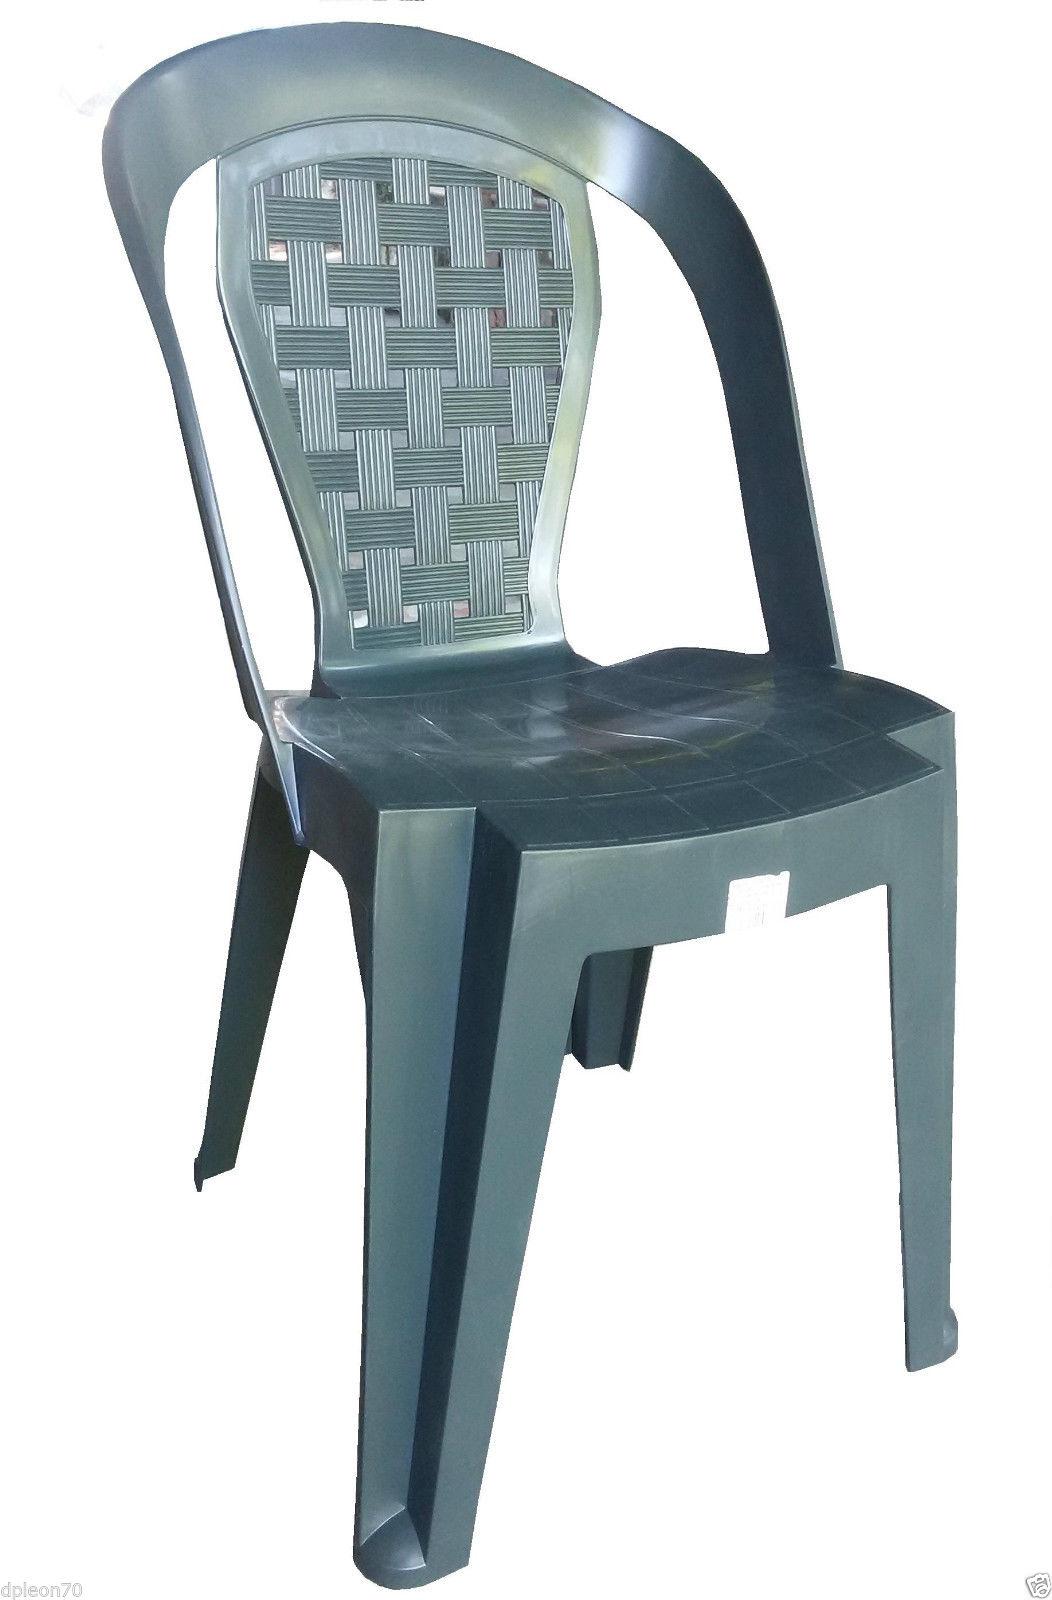 Sedia in plastica giardino senza braccioli colore verde modello matilde - Sedie da giardino in plastica ...